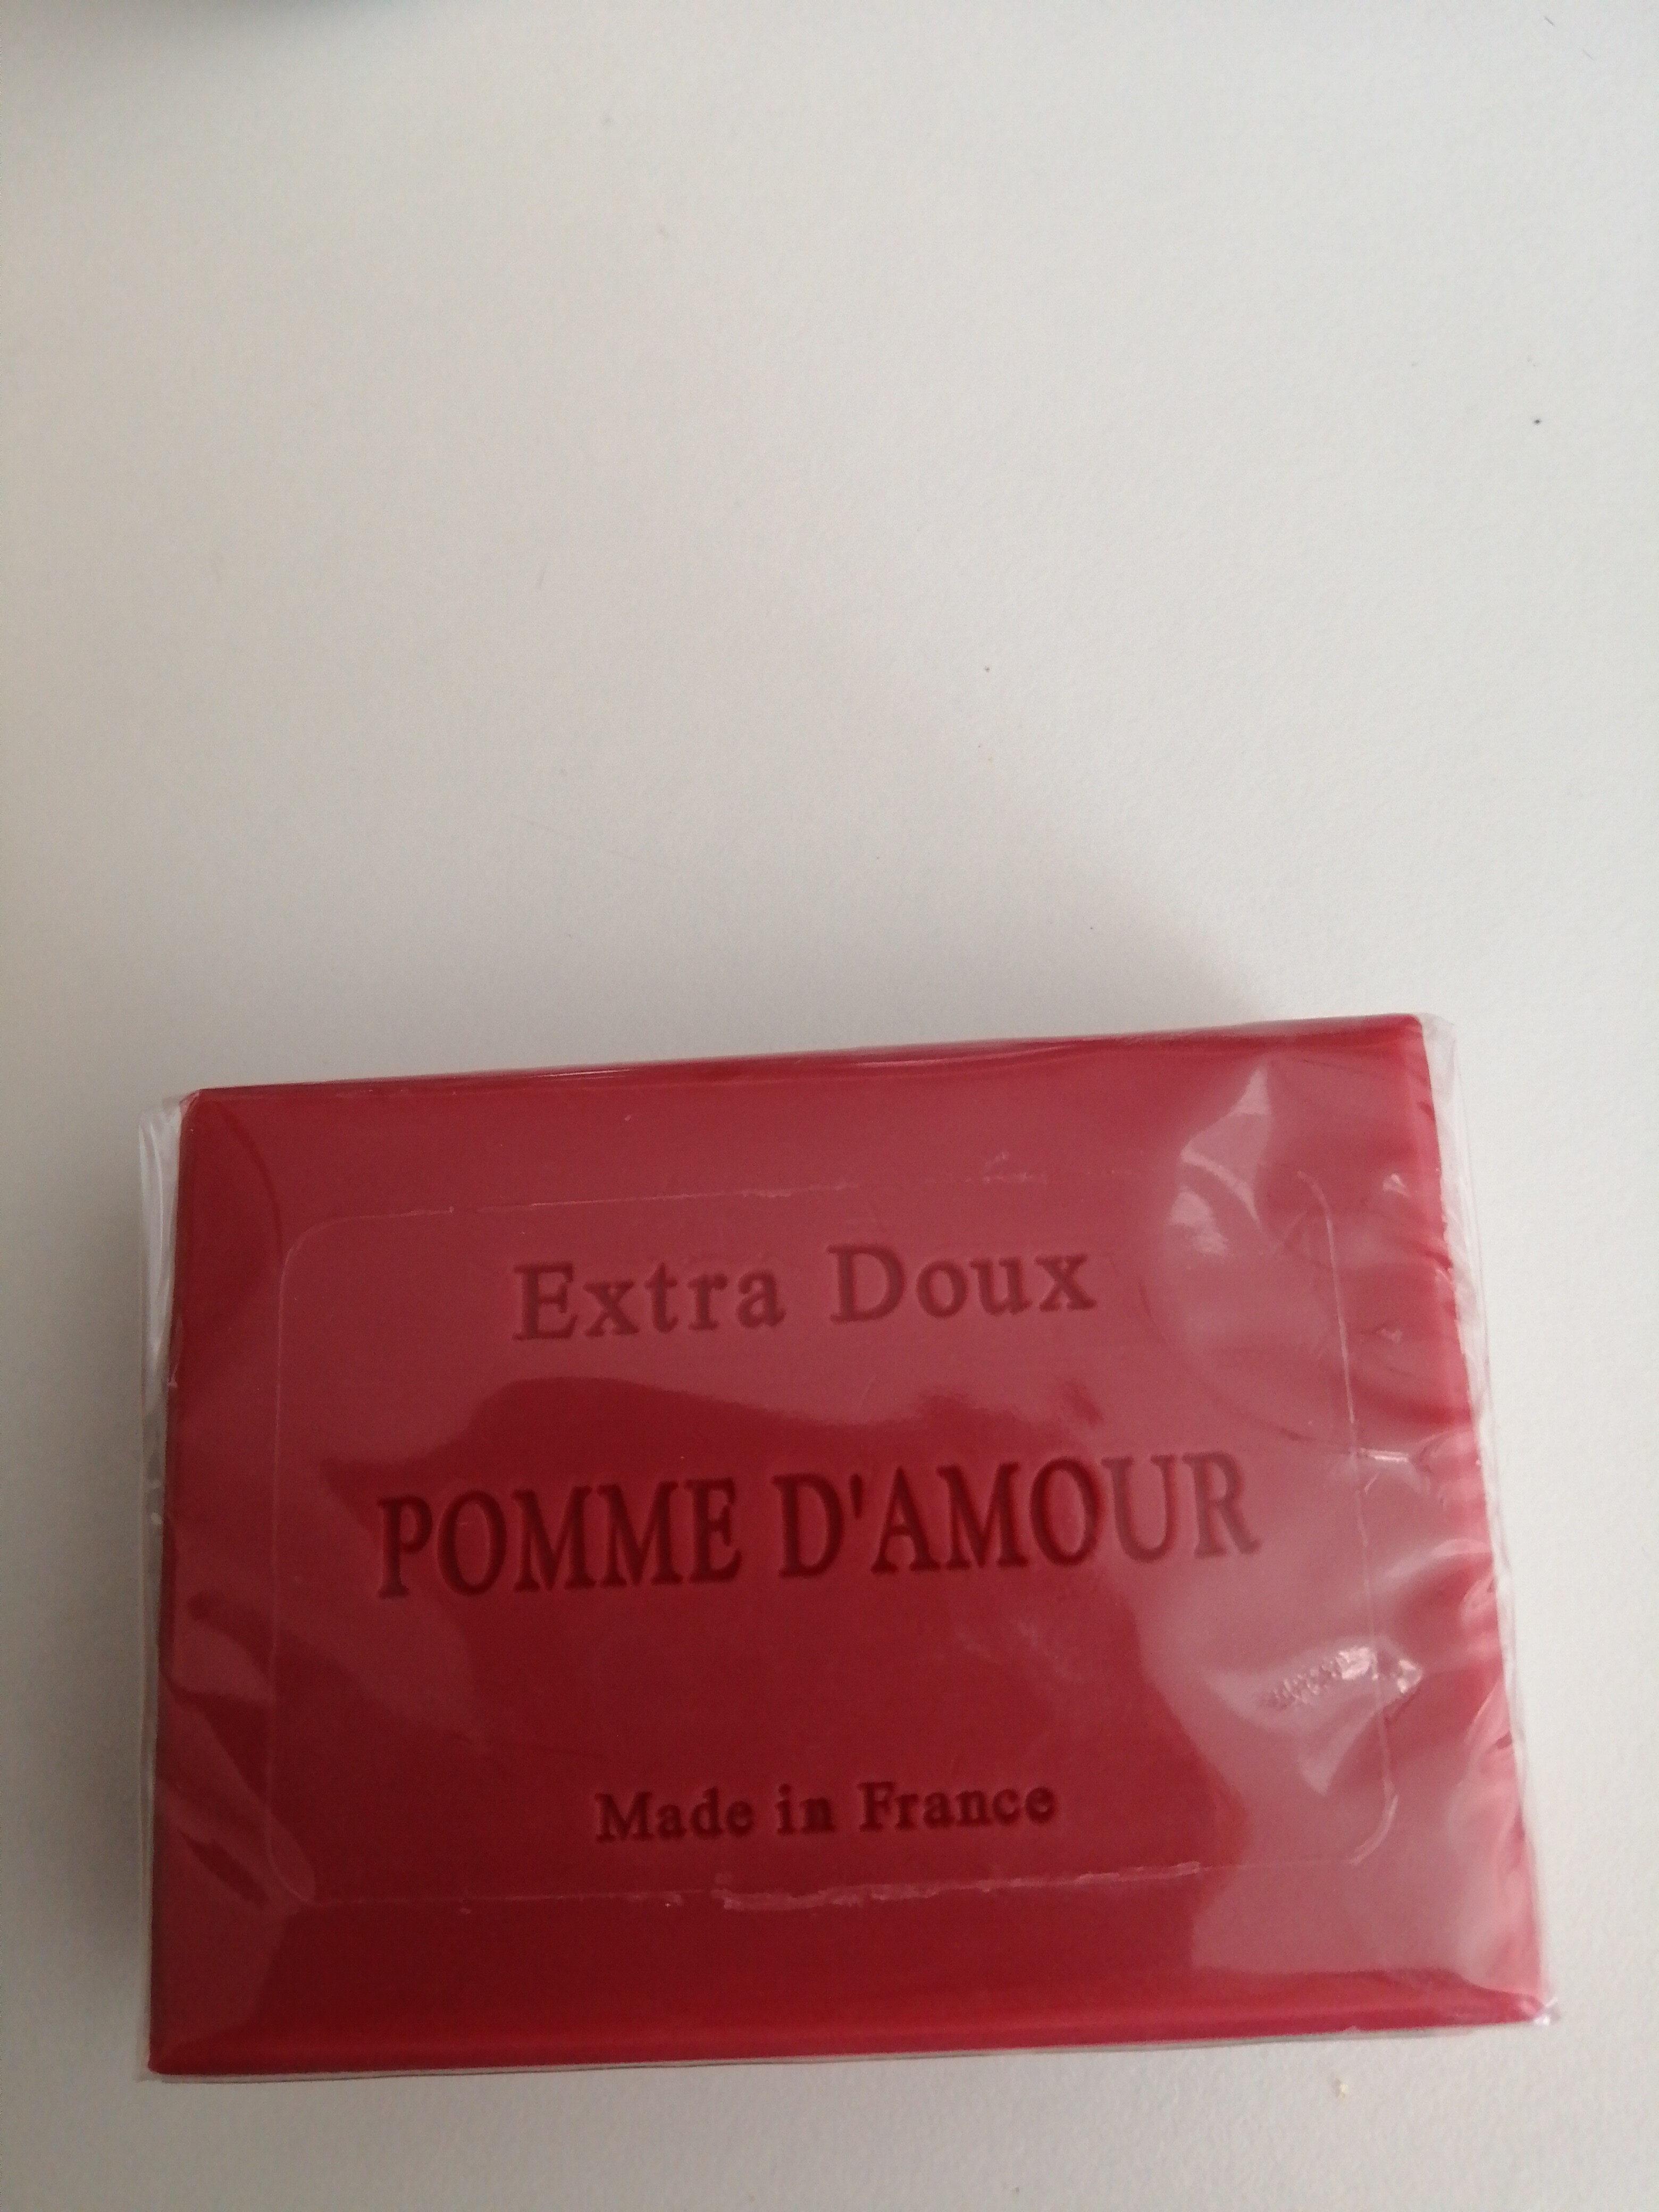 savon pomme d amour - Produit